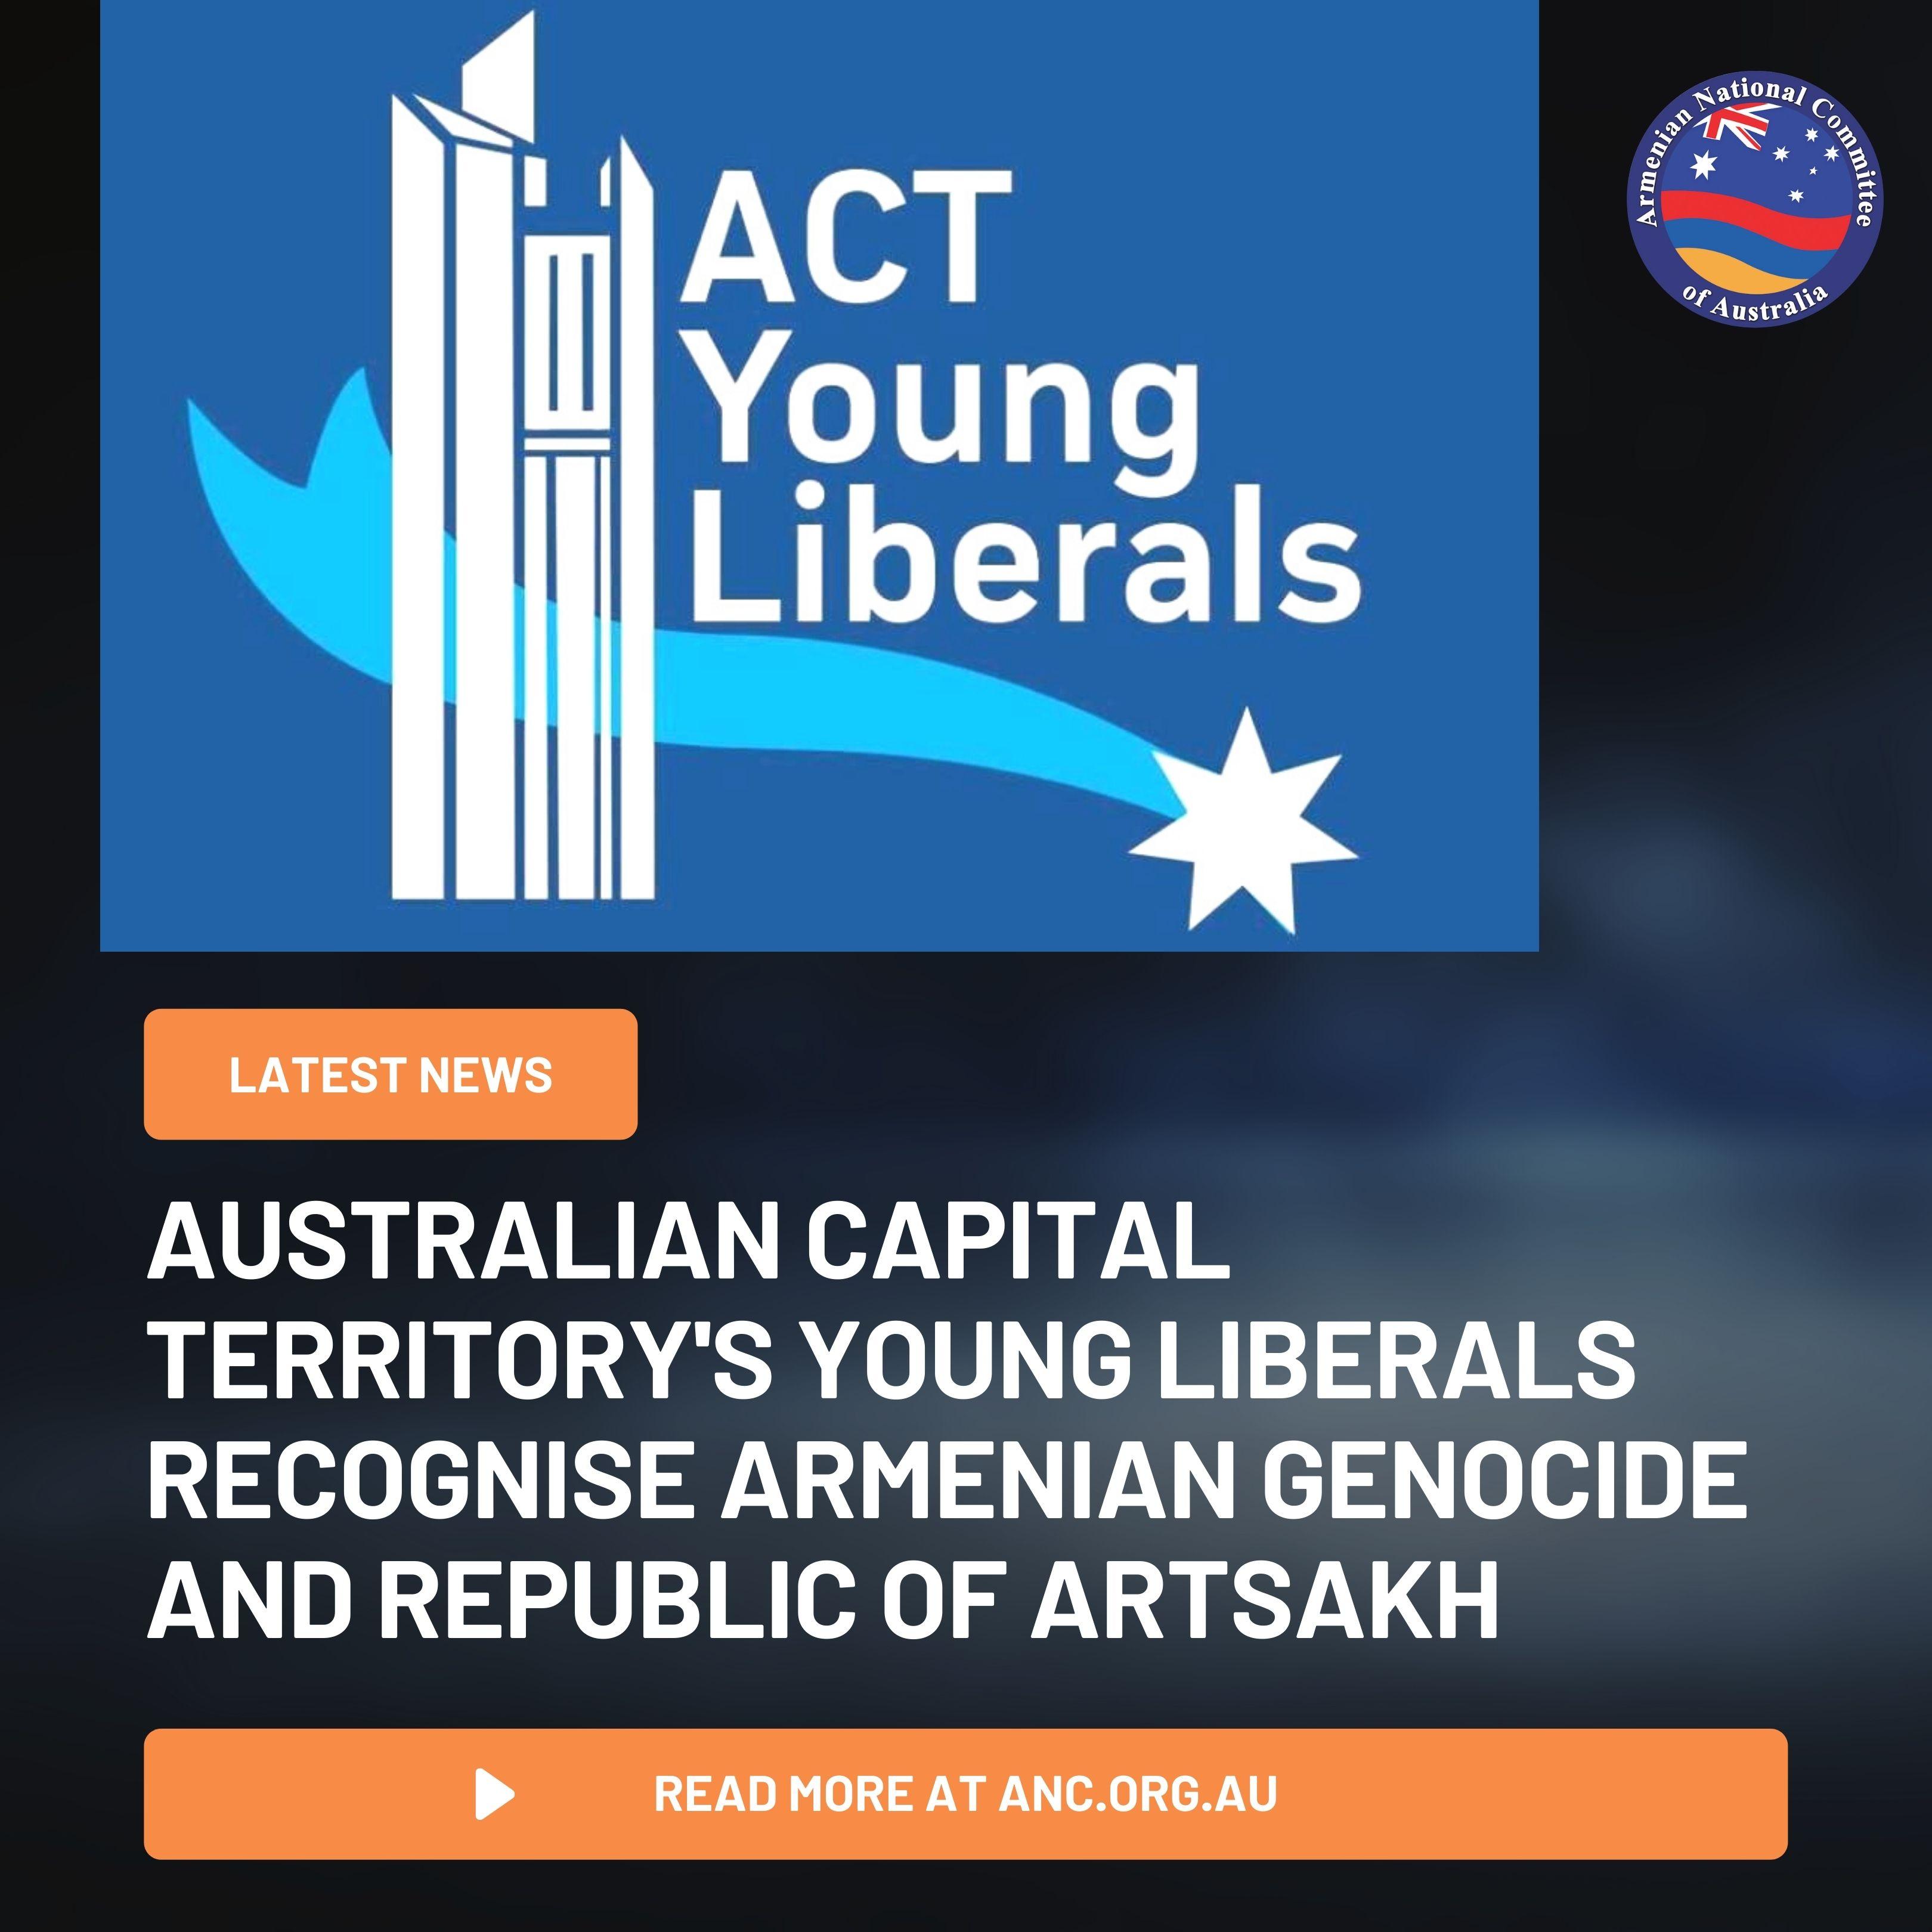 Photo of Молодежное движение столичной территории Австралии признало Геноцид армян, греков и ассирийцев